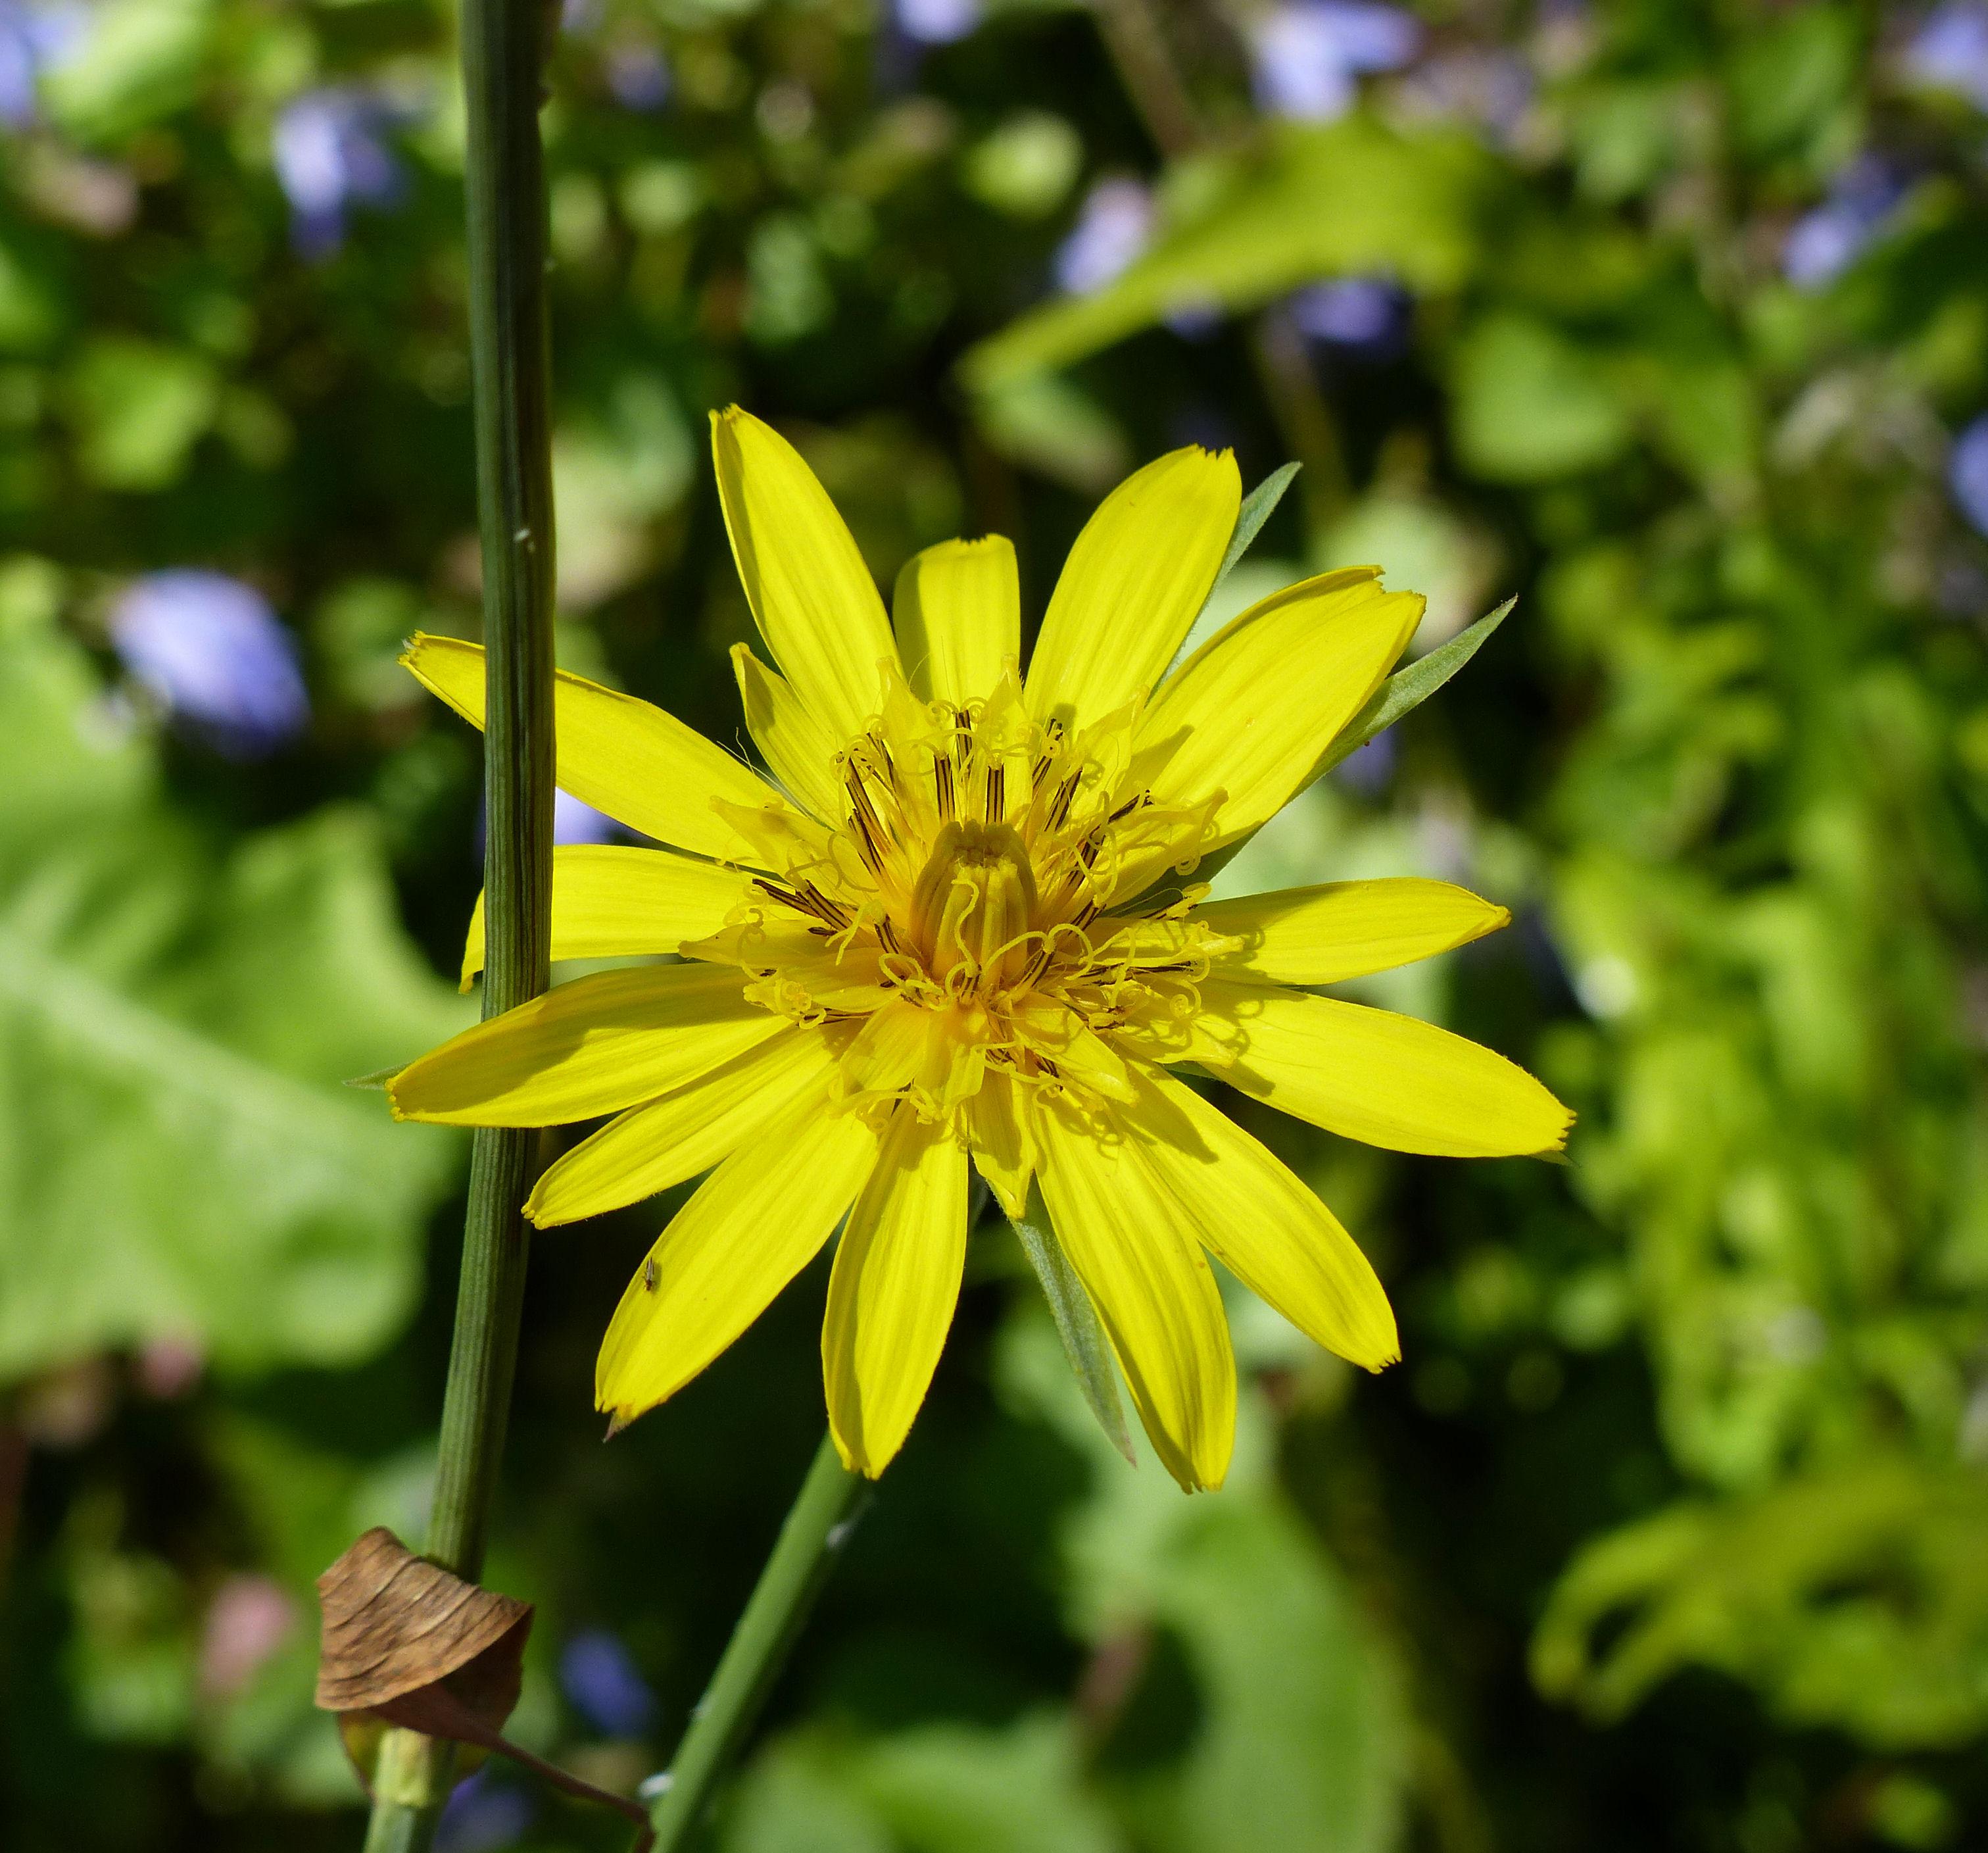 by Andrea Moro<br>Comune di Trieste, Civico Orto Botanico, TS, Friuli Venezia Giulia, Italia, 03/06/2014<br>Distributed under CC-BY-SA 4.0 license.